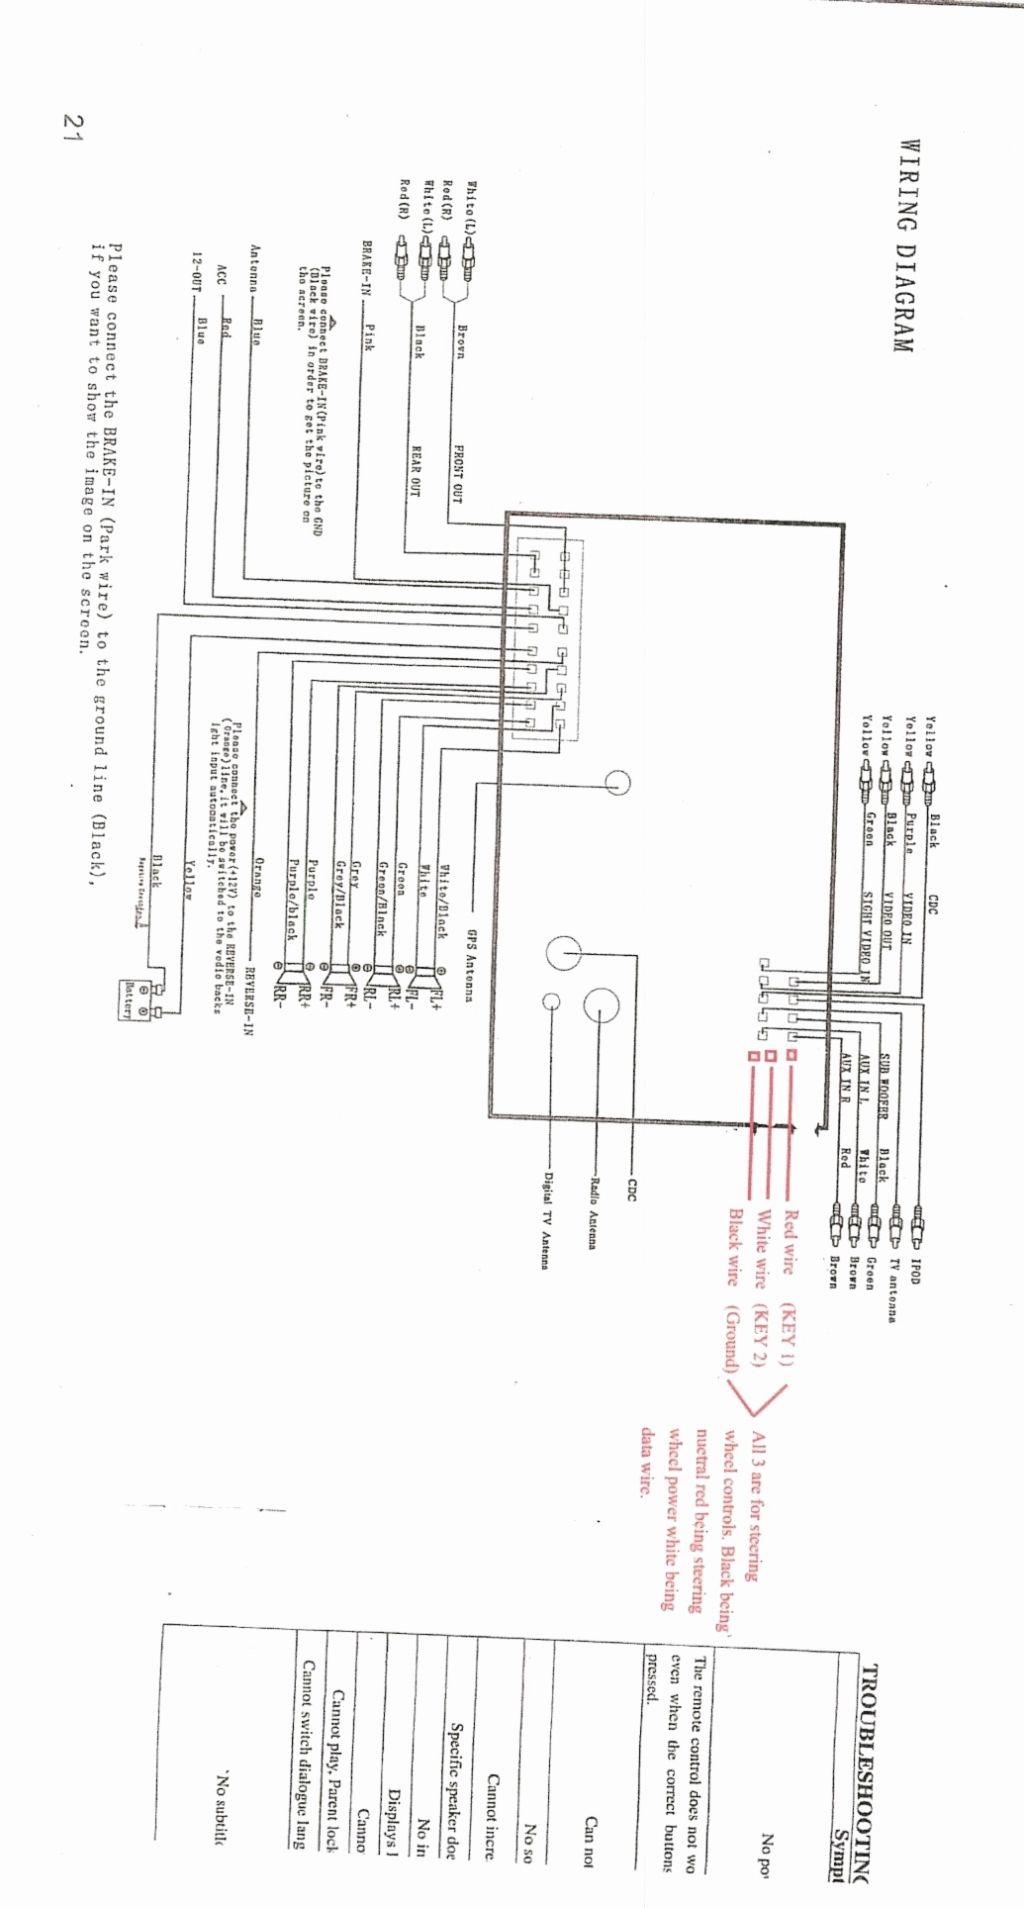 hight resolution of gmos lan 01 wiring diagram download axxess gmos 04 wiring diagram beautiful awesome gmos 01 download wiring diagram